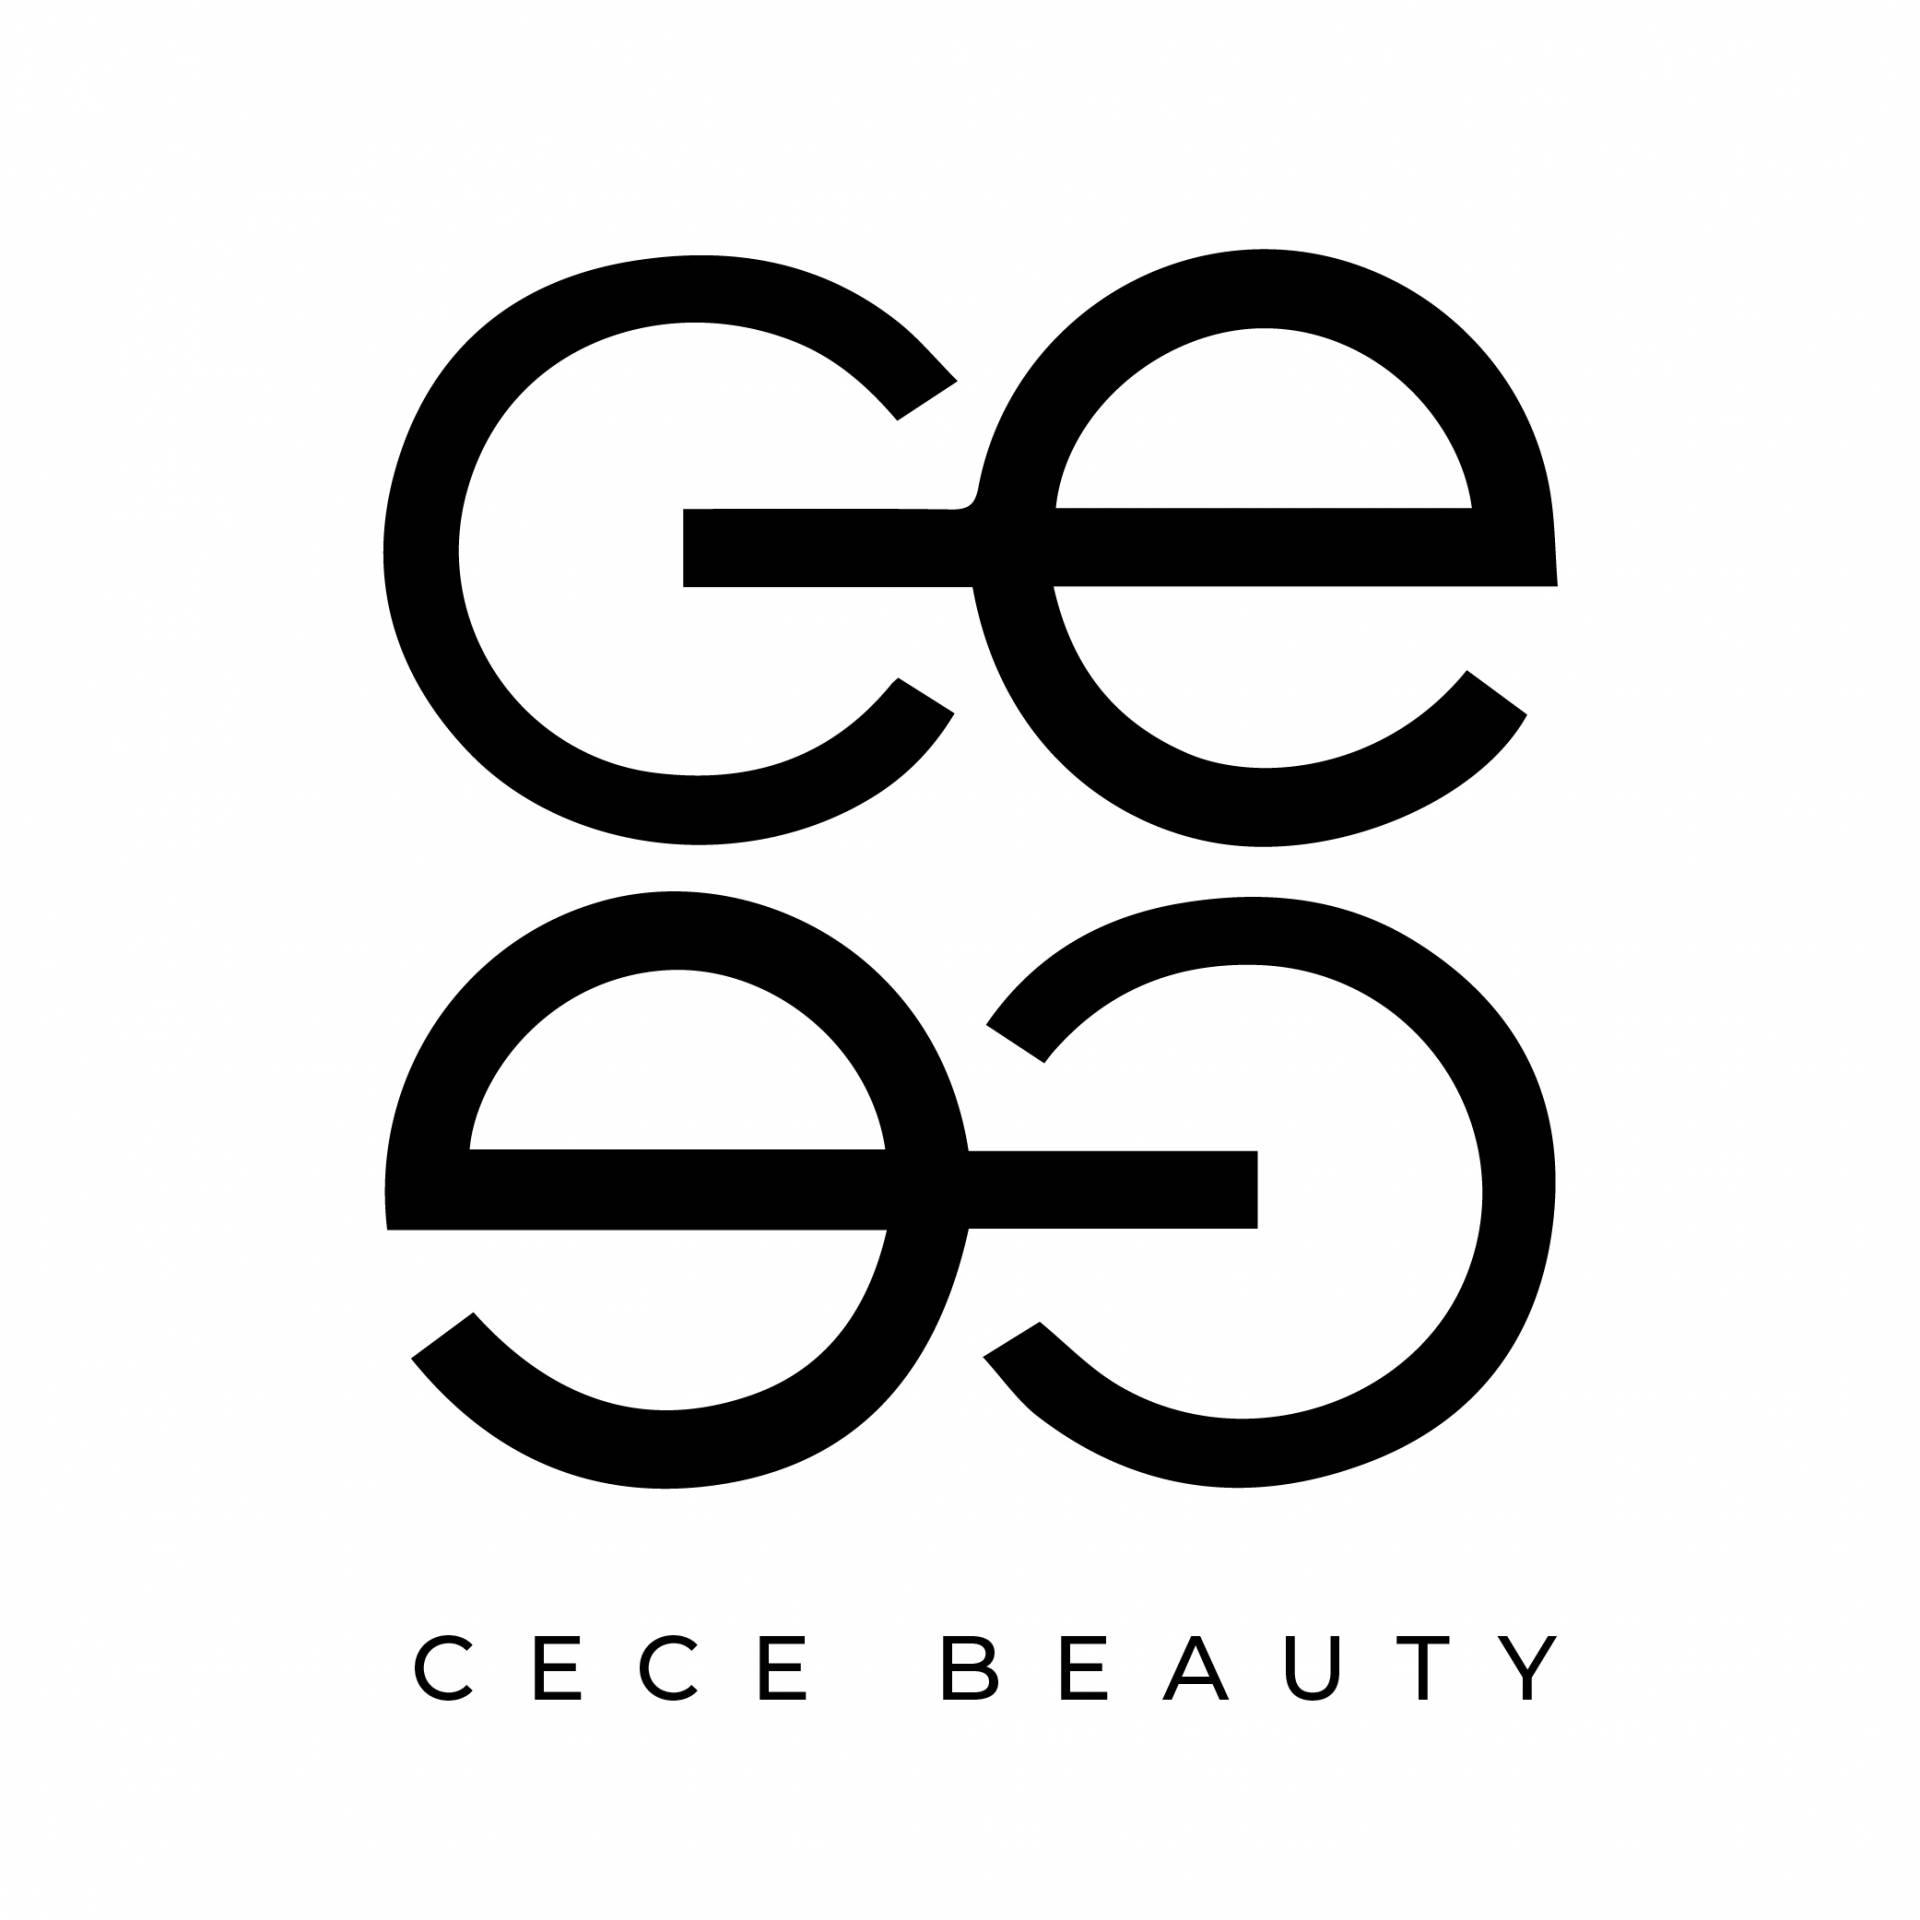 Cece Beauty